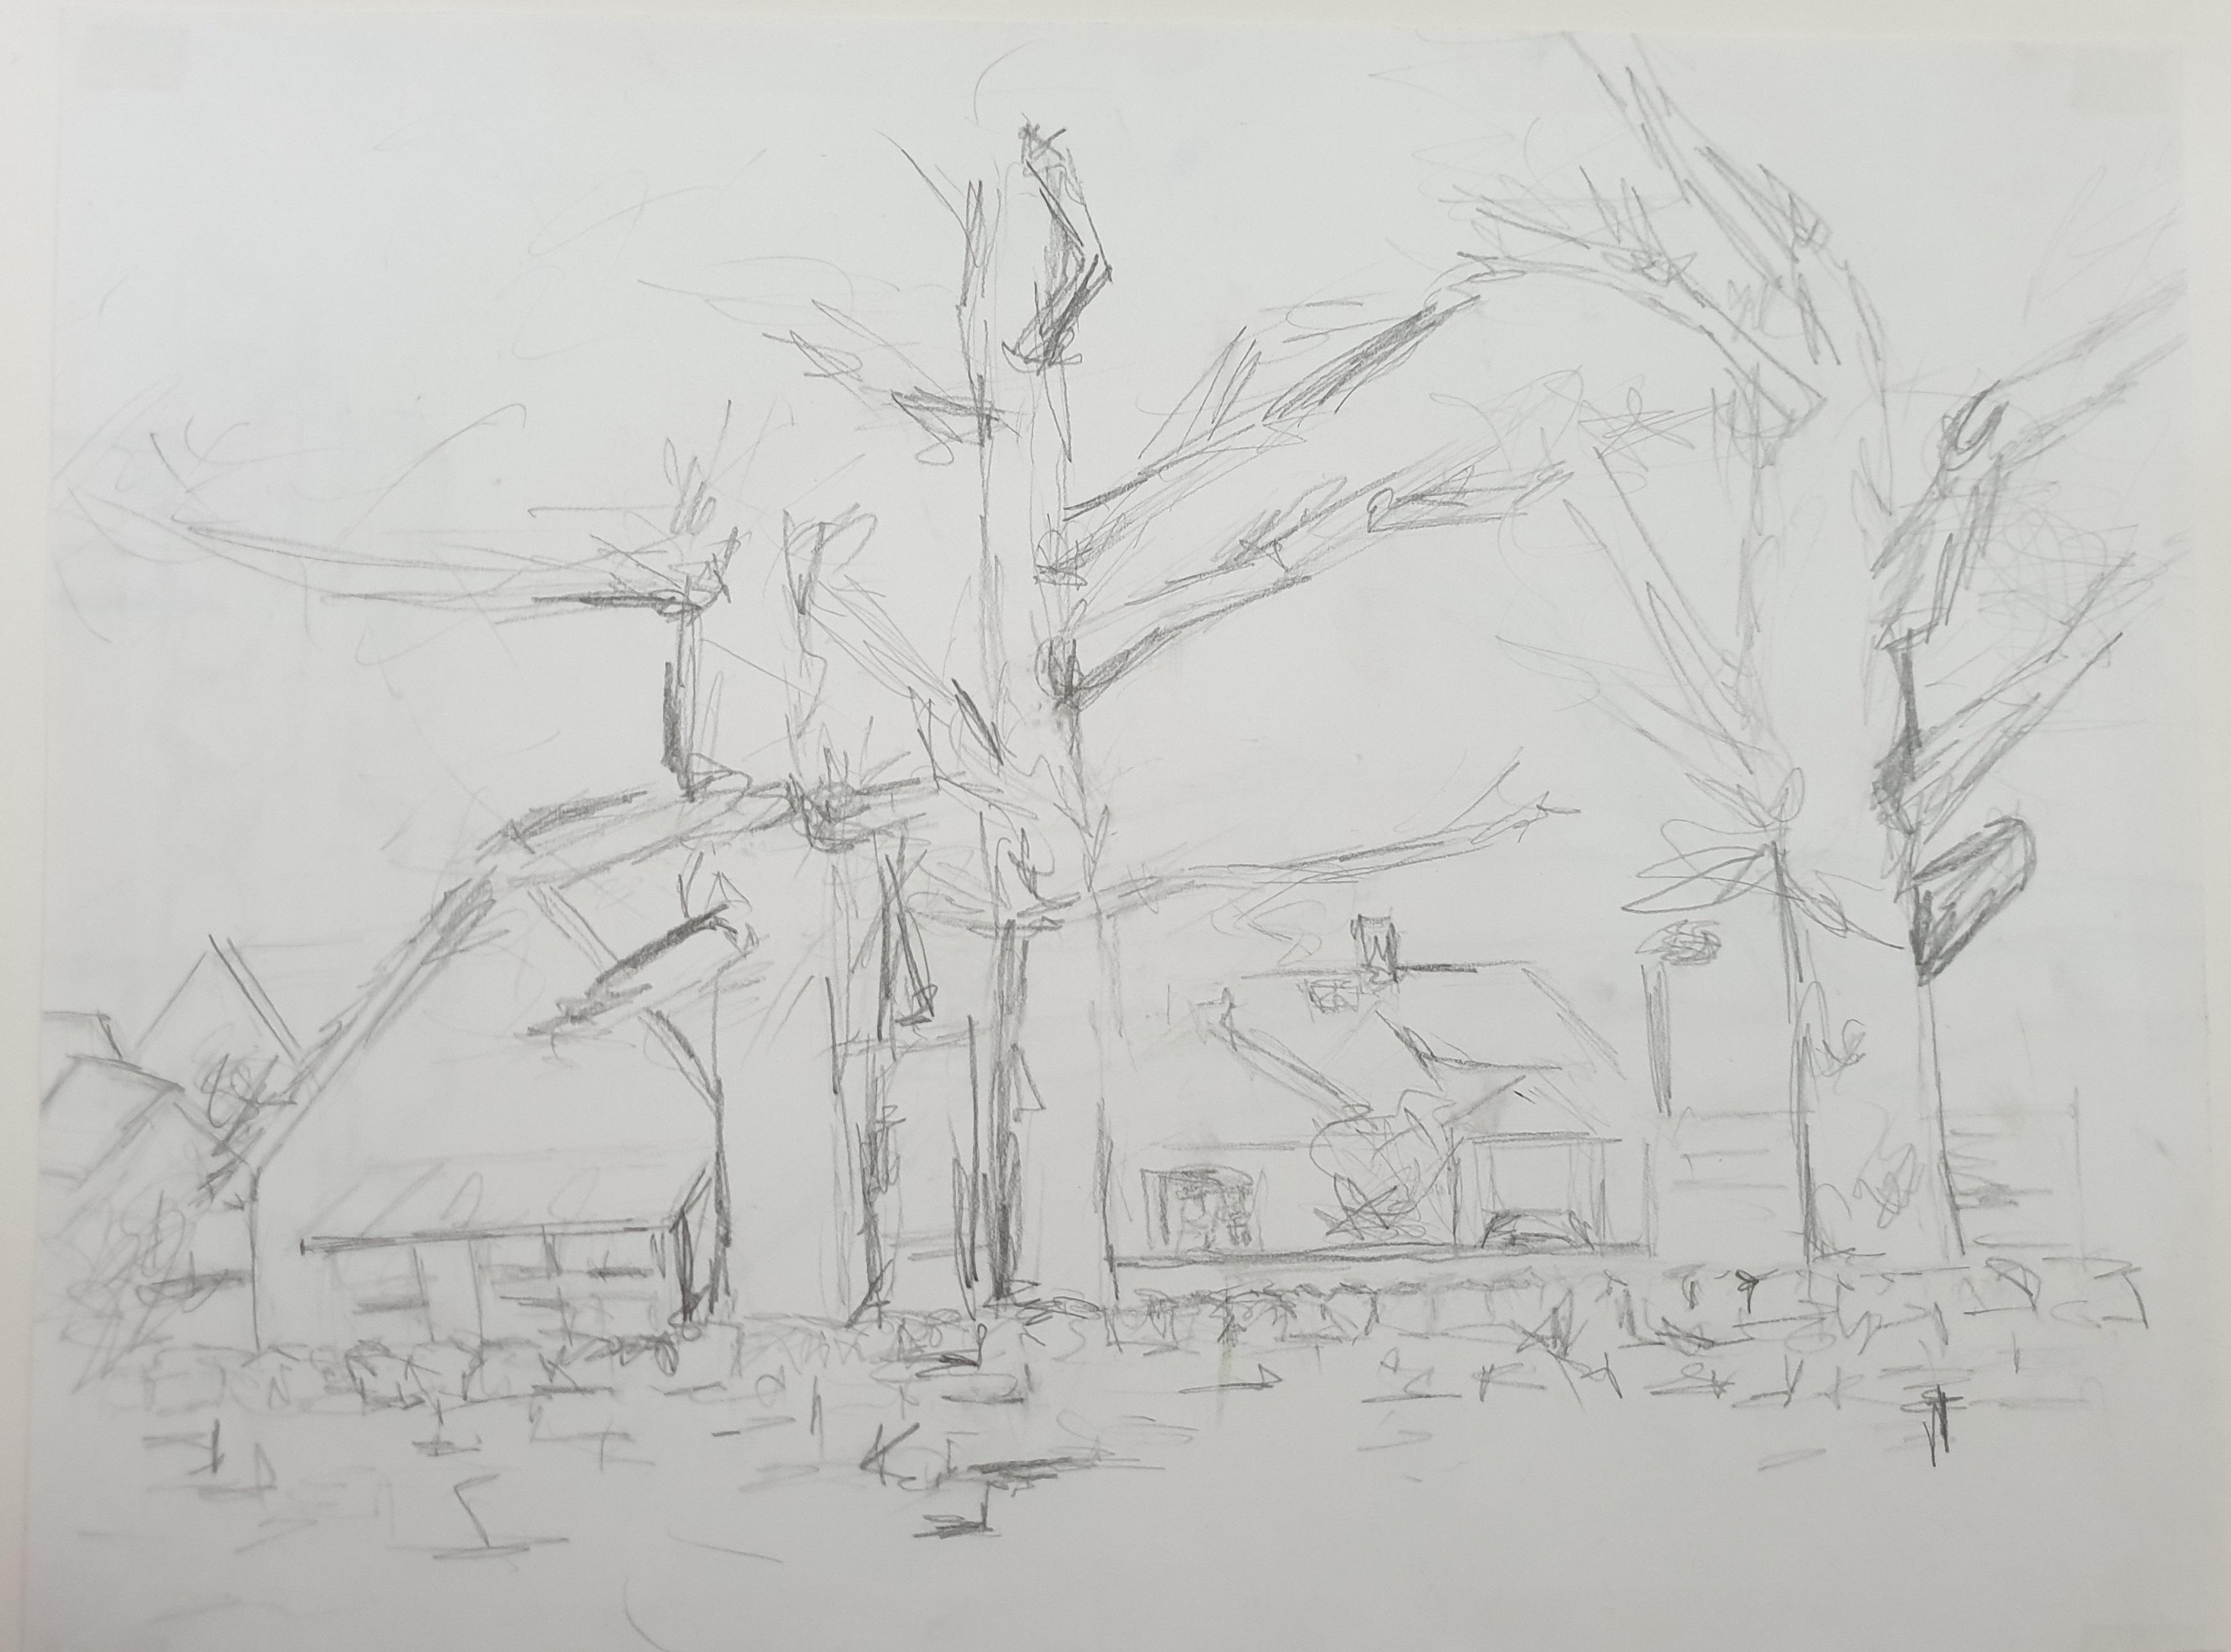 Arbroath (2013) - Pencil on Card